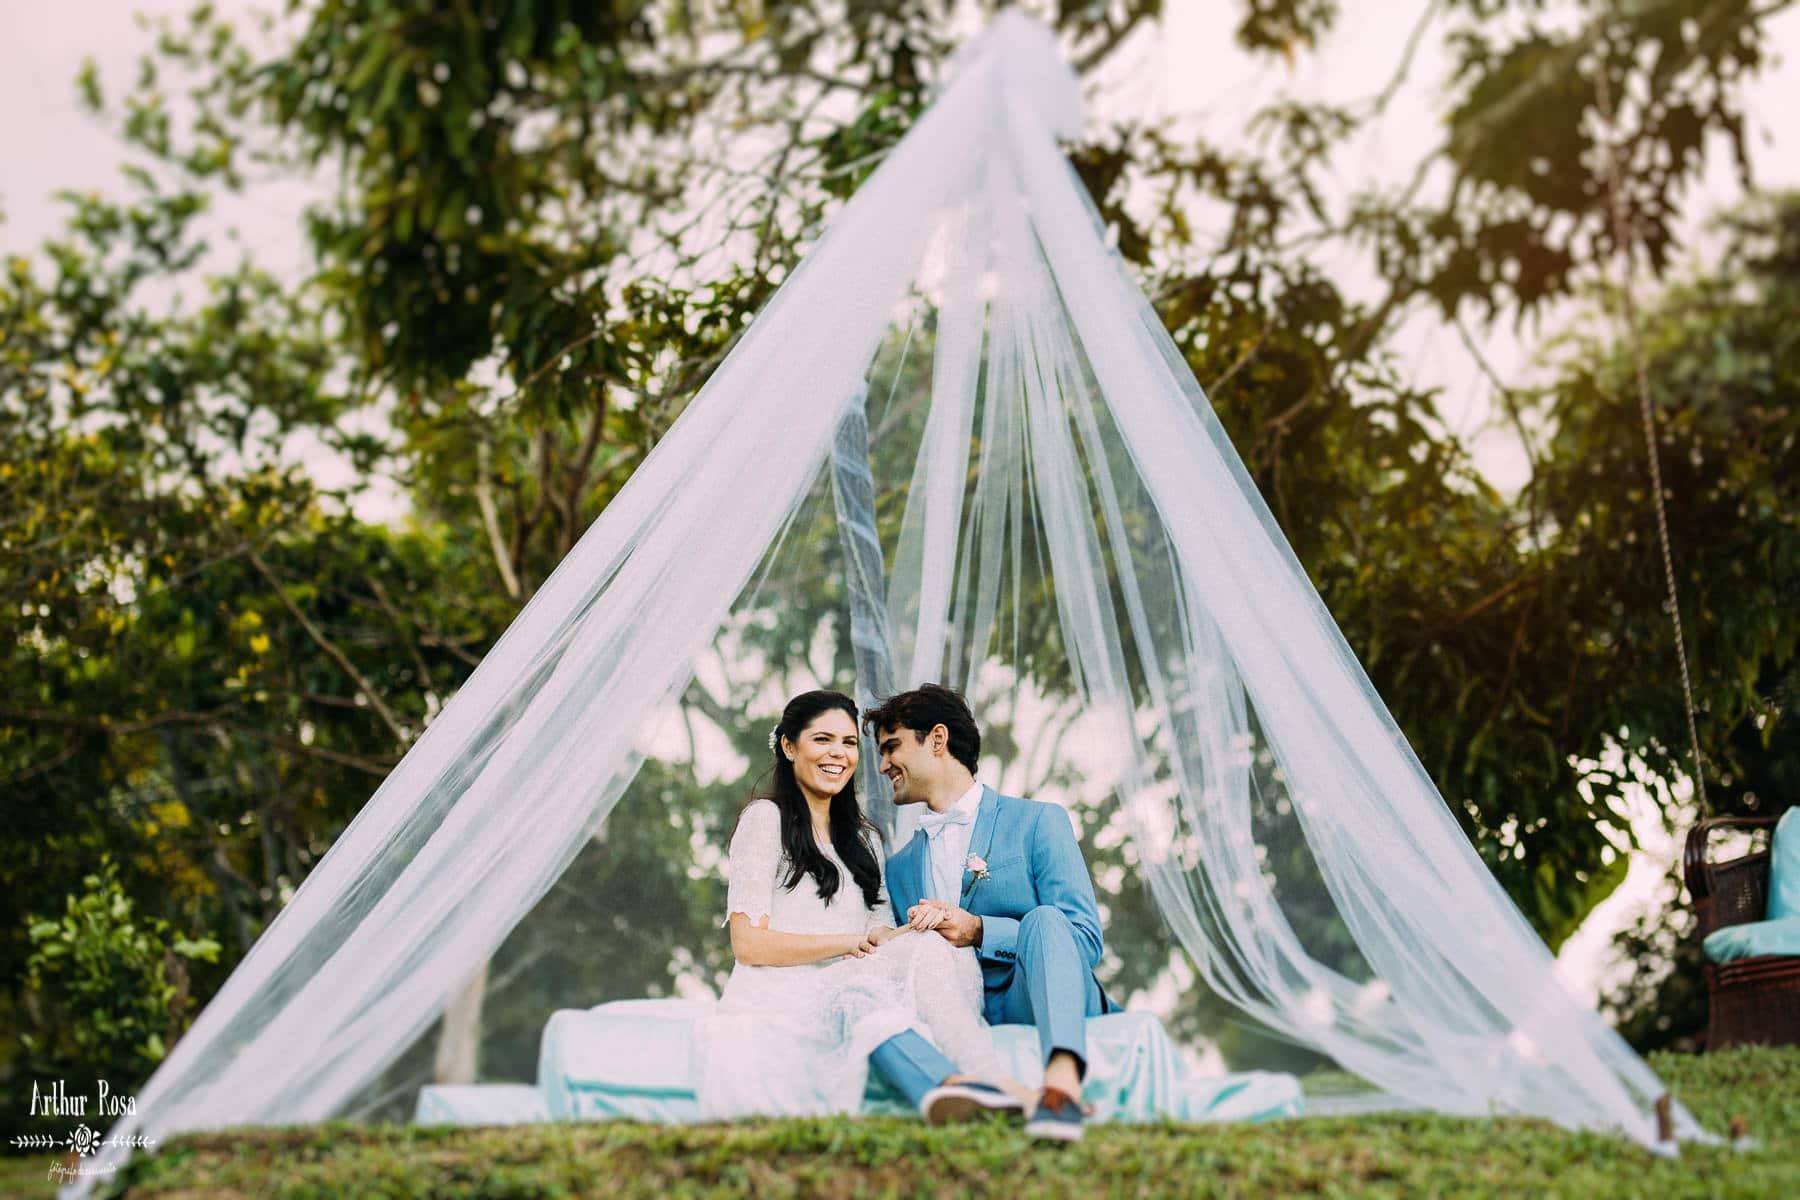 fotos de casal em tenda